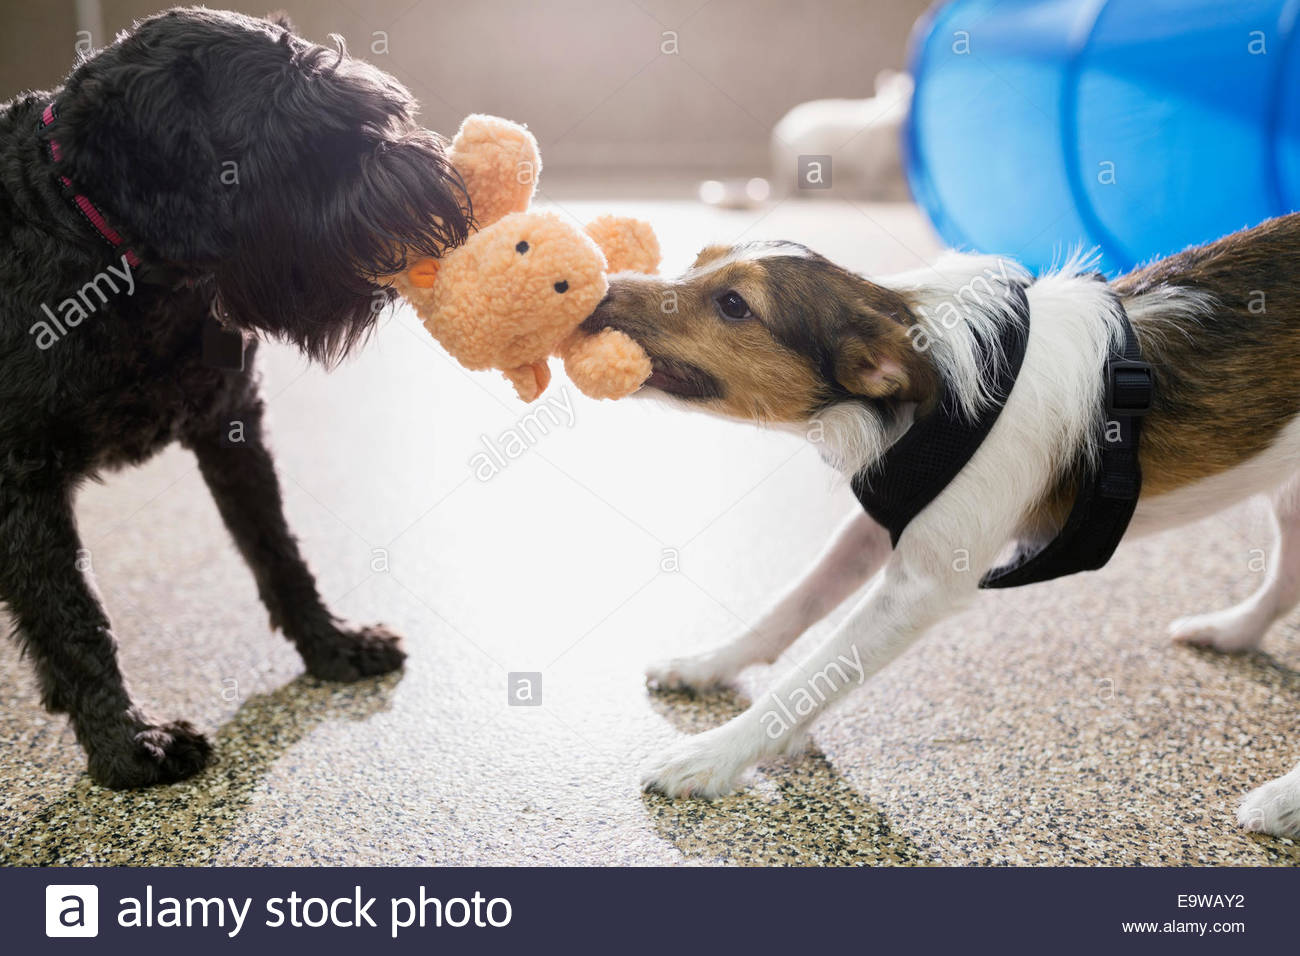 Dogs playing tug-of-war with stuffed animal - Stock Image